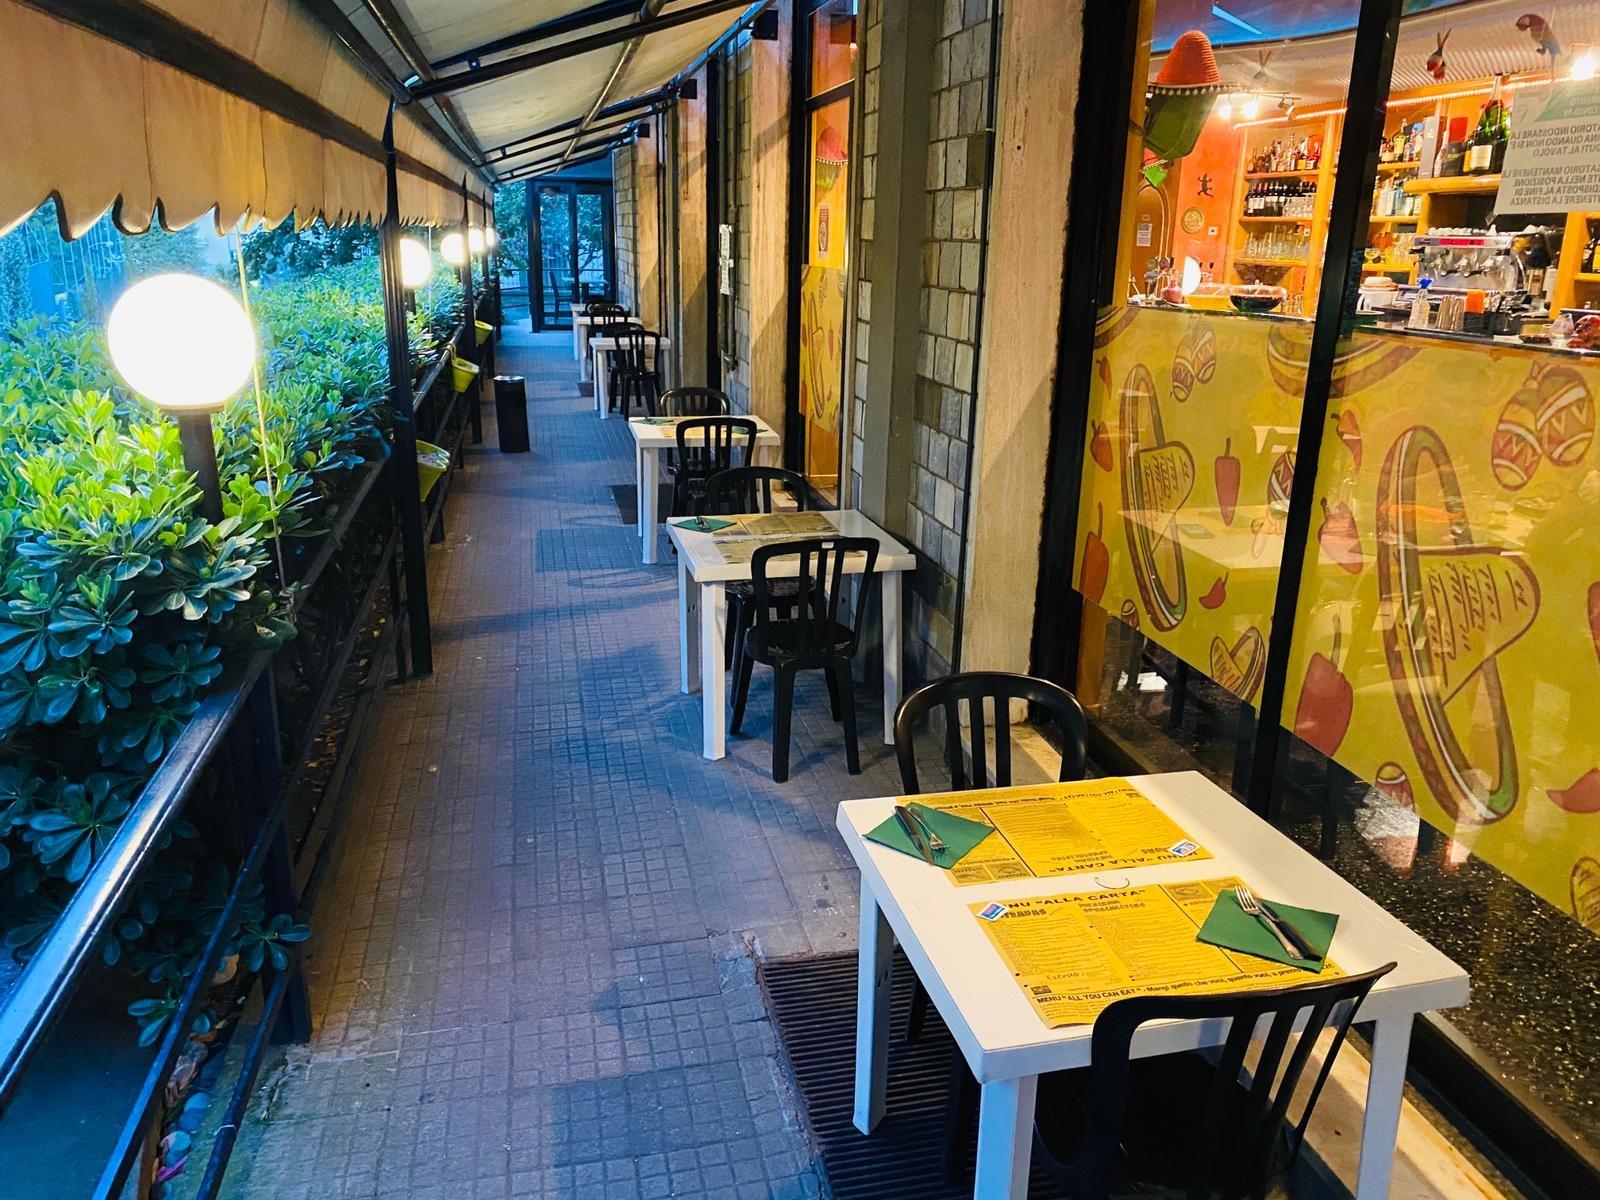 Mangiare bene e in sicurezza! Speciale menu: Entrada a sorpresa +Paella Valenciana  x 2 persone + 1/2 litro di sangria, 2 dolci a scelta, caffè e coperti inclusi... nell'incantevole locale Habanero nel cuore di Albaro!